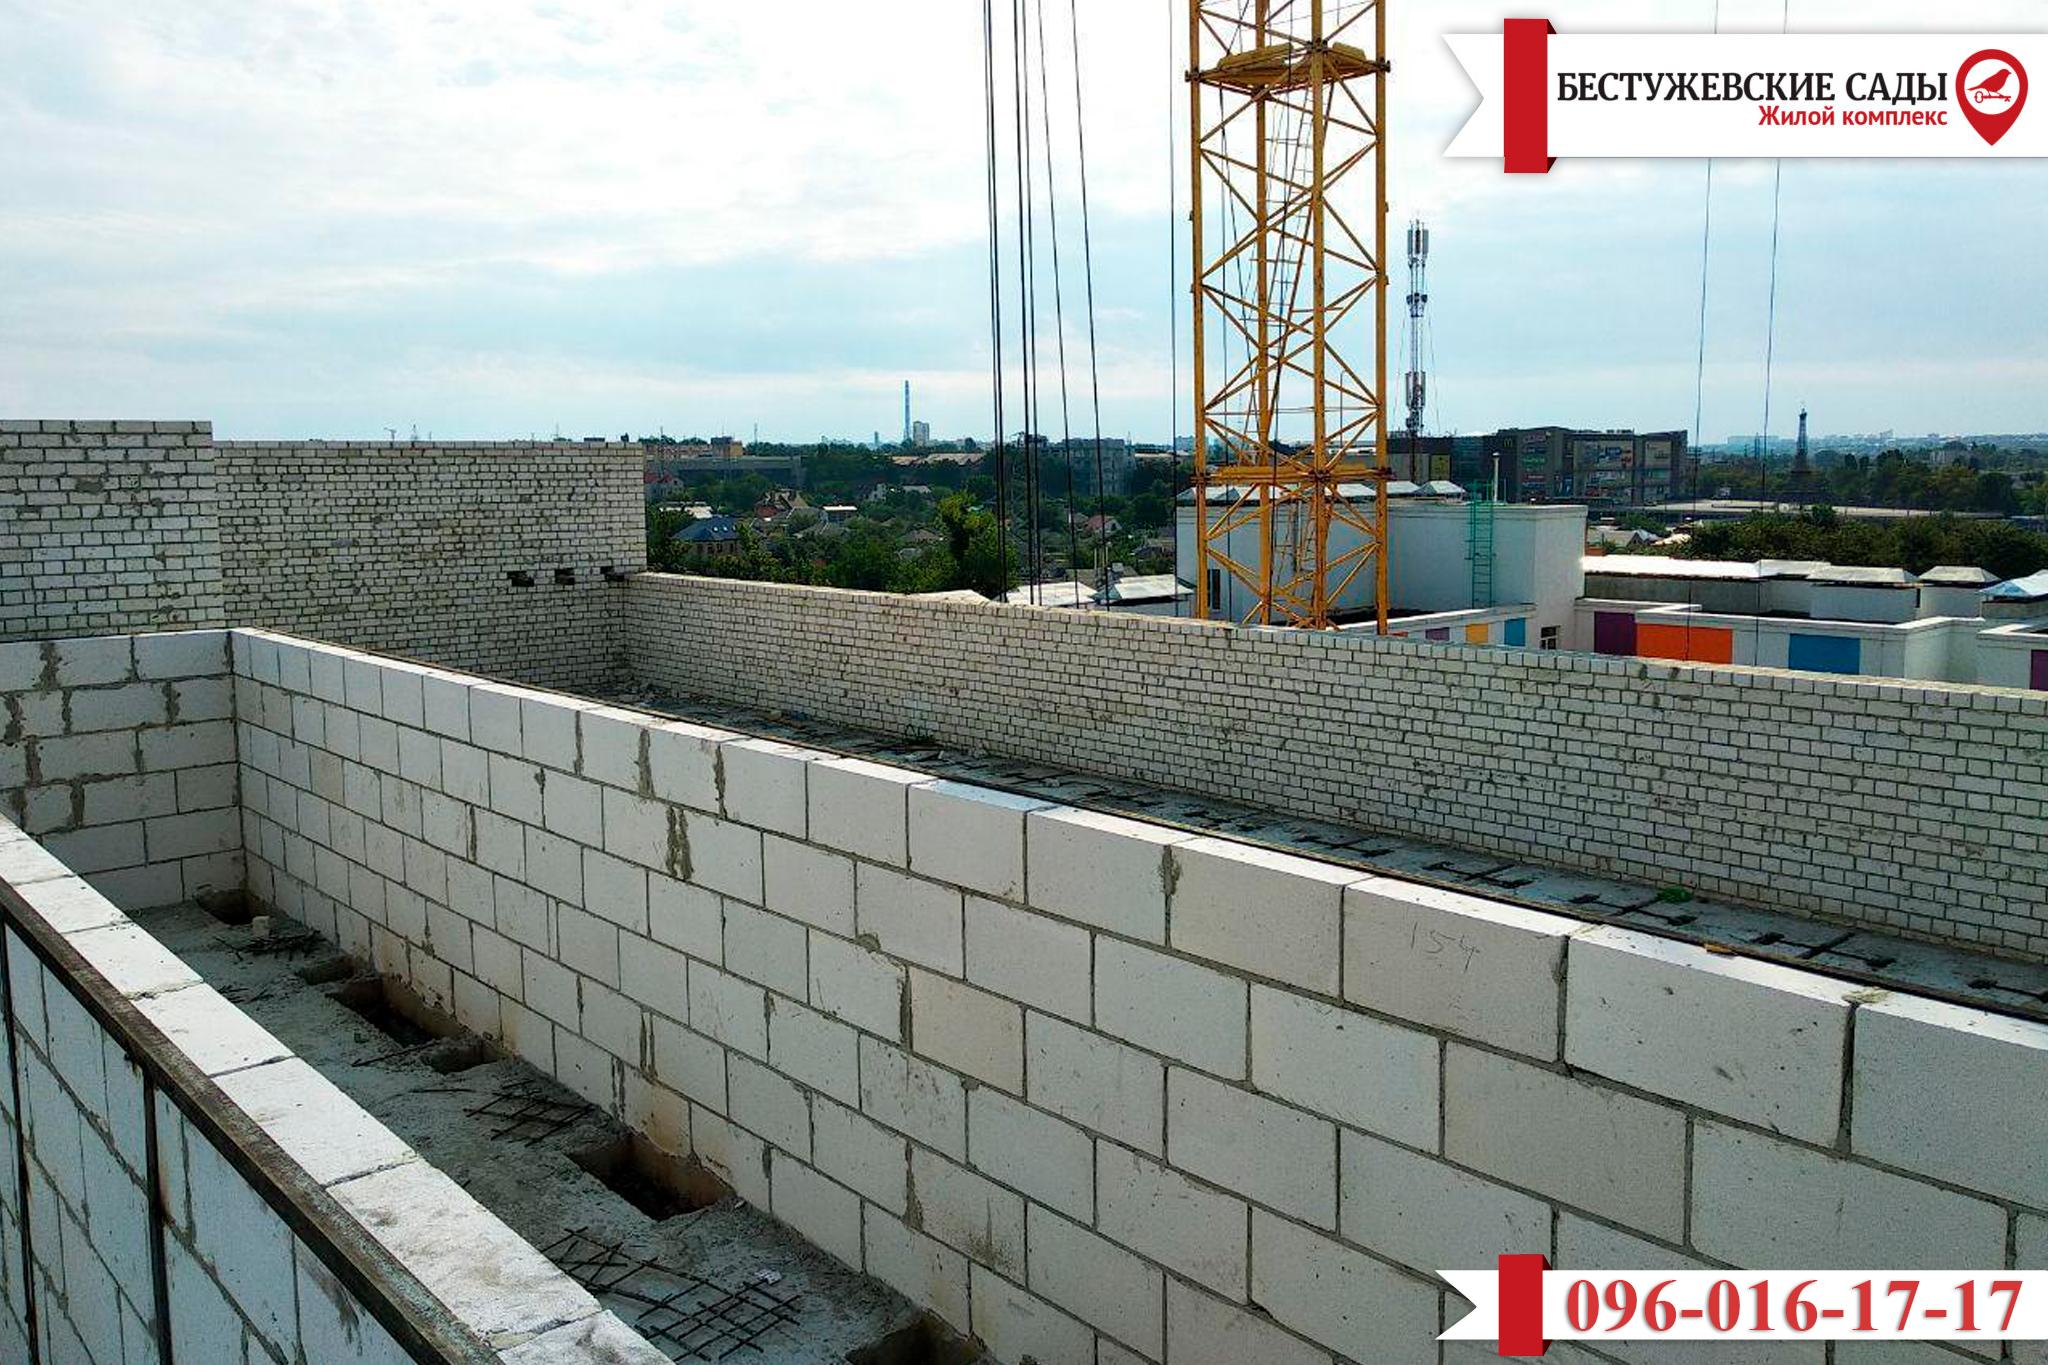 Обновлена информация о строительстве дома «Бестужевские Сады»